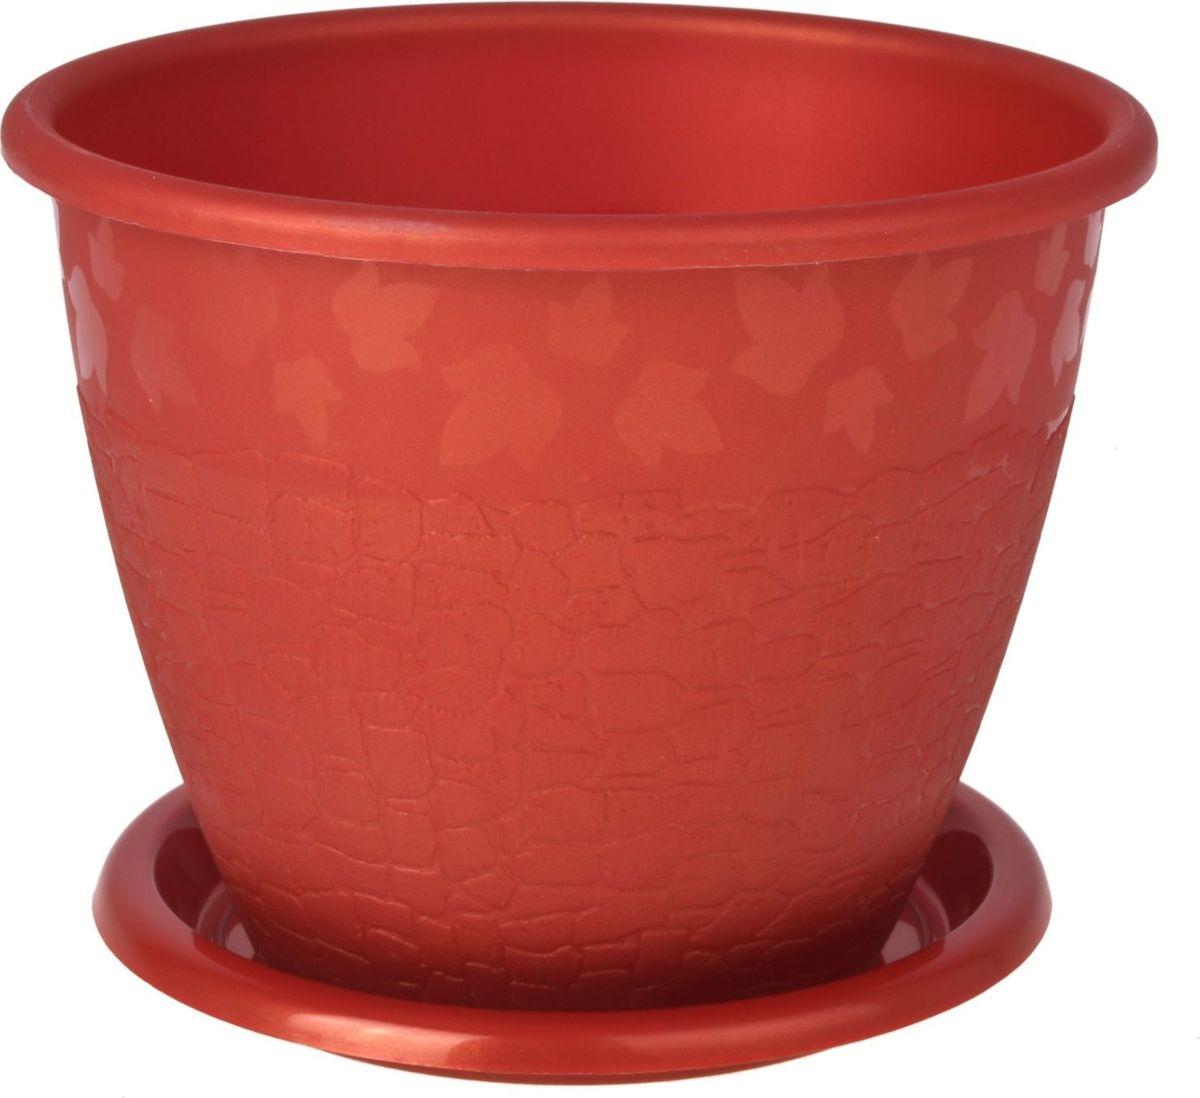 Горшок для цветов Альтернатива Розалия, с поддоном, цвет: медный, 1,2 л531-105Любой, даже самый современный и продуманный интерьер будет не завершённым без растений. Они не только очищают воздух и насыщают его кислородом, но и заметно украшают окружающее пространство. Такому полезному члену семьи просто необходимо красивое и функциональное кашпо, оригинальный горшок или необычная ваза! Мы предлагаем - Горшок для цветов с поддоном 1,2 л Розалия, цвет медный! Оптимальный выбор материала пластмасса! Почему мы так считаем? Малый вес. С лёгкостью переносите горшки и кашпо с места на место, ставьте их на столики или полки, подвешивайте под потолок, не беспокоясь о нагрузке. Простота ухода. Пластиковые изделия не нуждаются в специальных условиях хранения. Их легко чистить достаточно просто сполоснуть тёплой водой. Никаких царапин. Пластиковые кашпо не царапают и не загрязняют поверхности, на которых стоят. Пластик дольше хранит влагу, а значит растение реже нуждается в поливе. Пластмасса не пропускает воздух корневой системе растения не грозят резкие перепады температур. Огромный выбор форм, декора и расцветок вы без труда подберёте что-то, что идеально впишется в уже существующий интерьер. Соблюдая нехитрые правила ухода, вы можете заметно продлить срок службы горшков, вазонов и кашпо из пластика: всегда учитывайте размер кроны и корневой системы растения (при разрастании большое растение способно повредить маленький горшок)берегите изделие от воздействия прямых солнечных лучей, чтобы кашпо и горшки не выцветалидержите кашпо и горшки из пластика подальше от нагревающихся поверхностей. Создавайте прекрасные цветочные композиции, выращивайте рассаду или необычные растения, а низкие цены позволят вам не ограничивать себя в выборе.